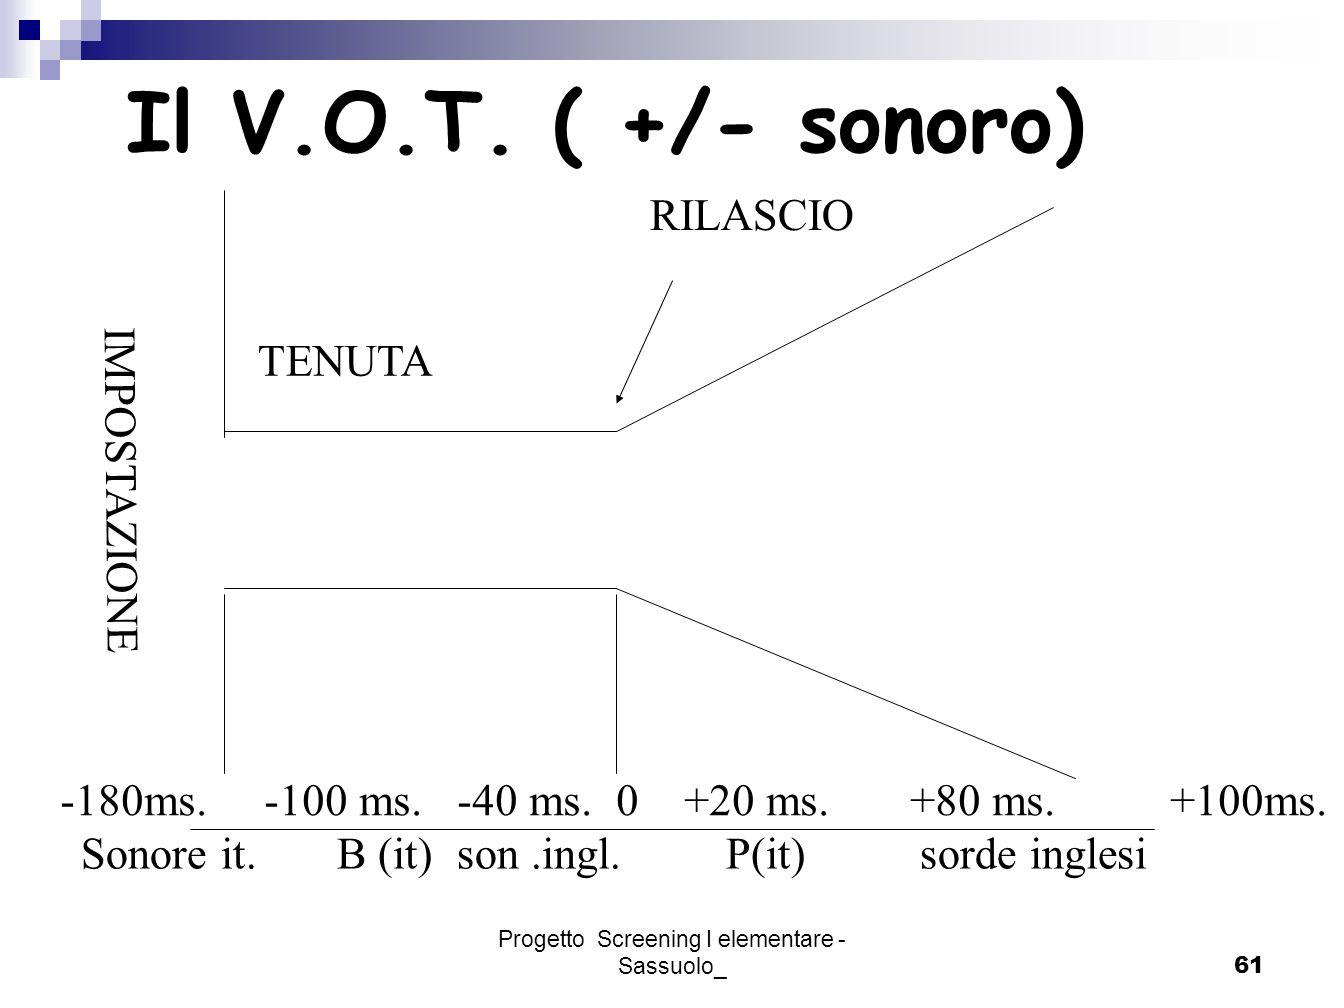 Progetto Screening I elementare - Sassuolo_61 Il V.O.T. ( +/- sonoro) RILASCIO -180ms. -100 ms. -40 ms. 0 +20 ms. +80 ms. +100ms. Sonore it. B (it) so